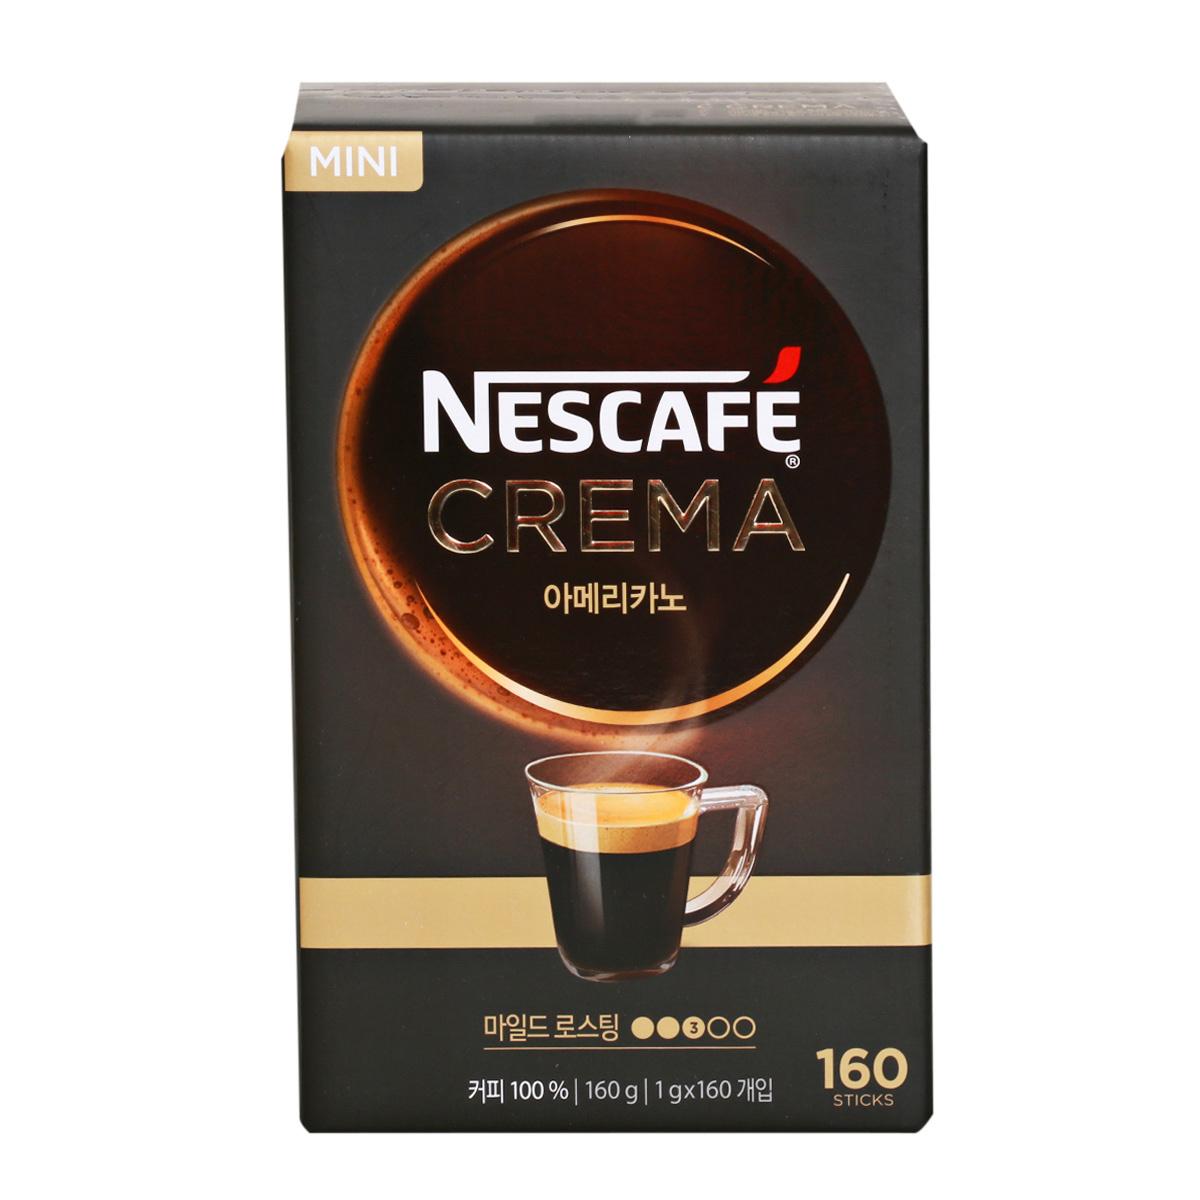 네스카페 크레마 아메리카노 폴리페놀 1gx160입 커피, 1g, 160스틱